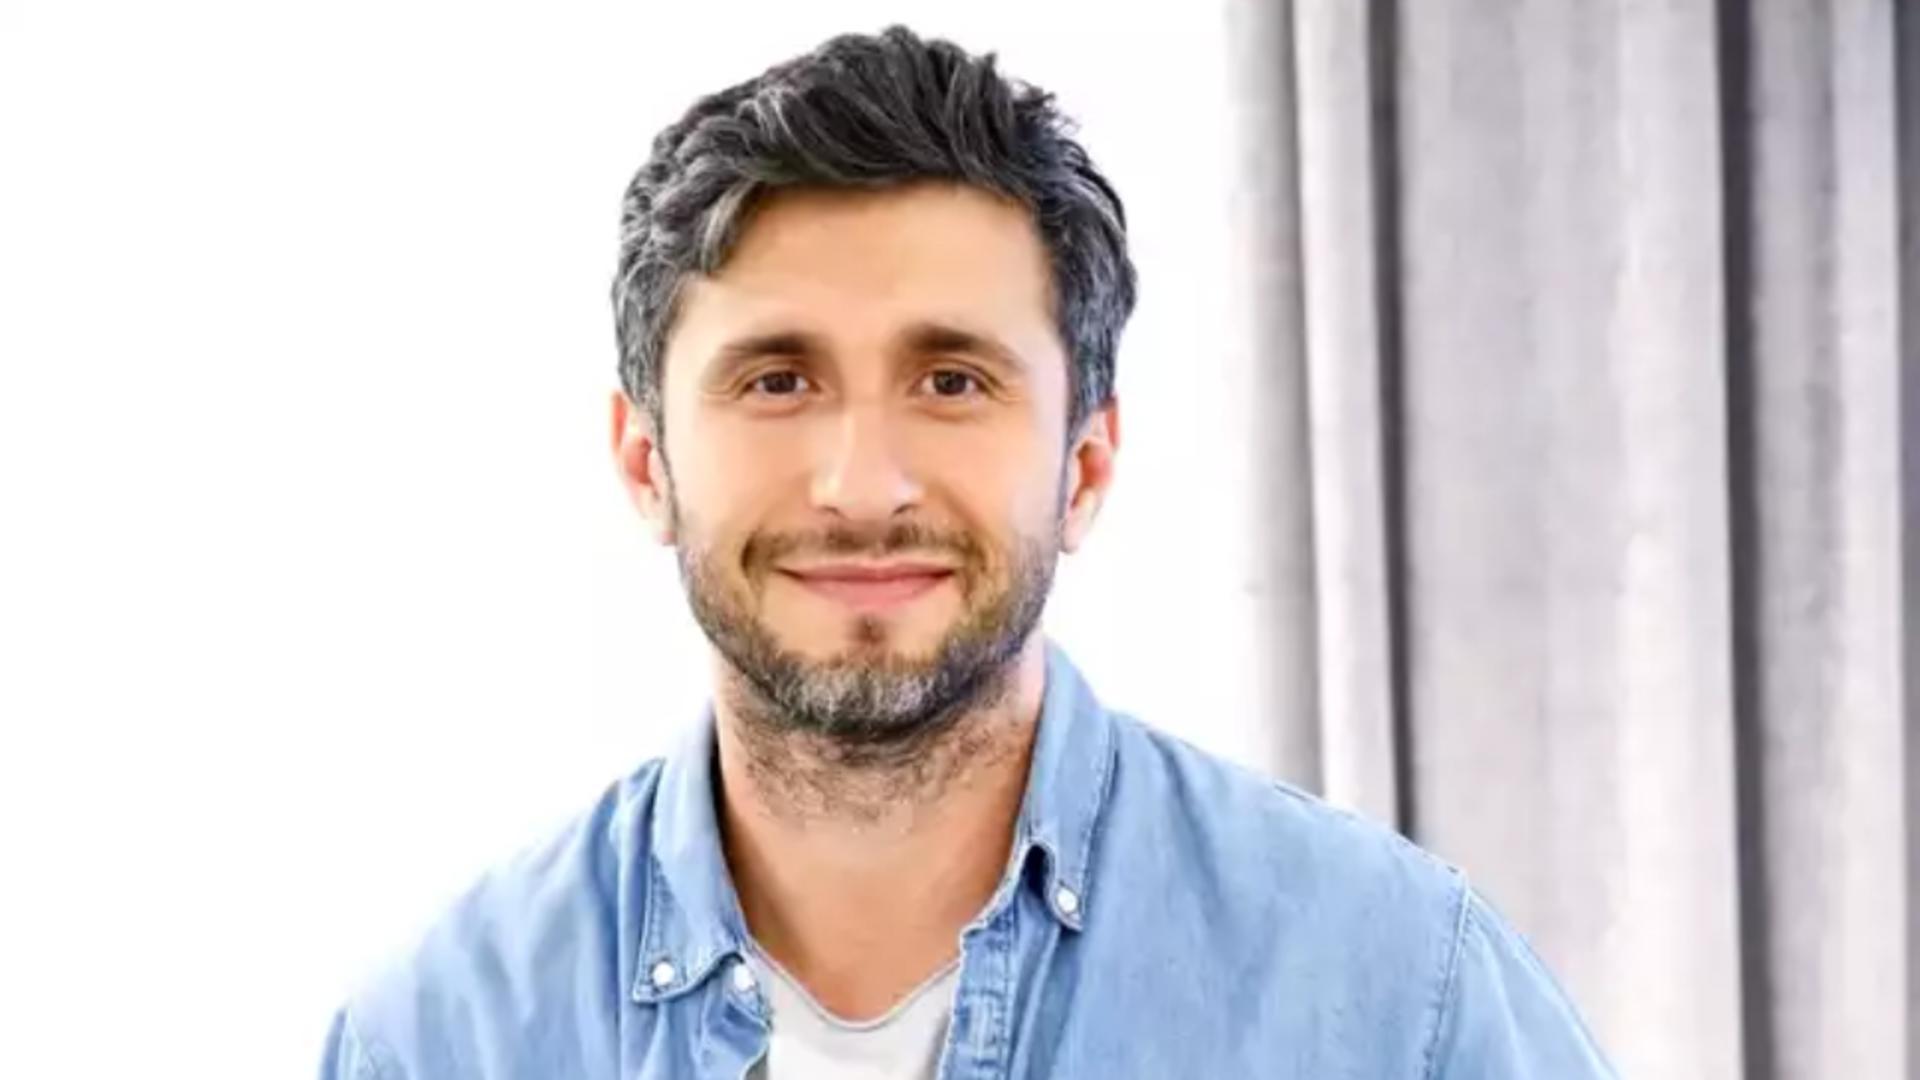 Dragoș Bucur, actor și prezentator TV